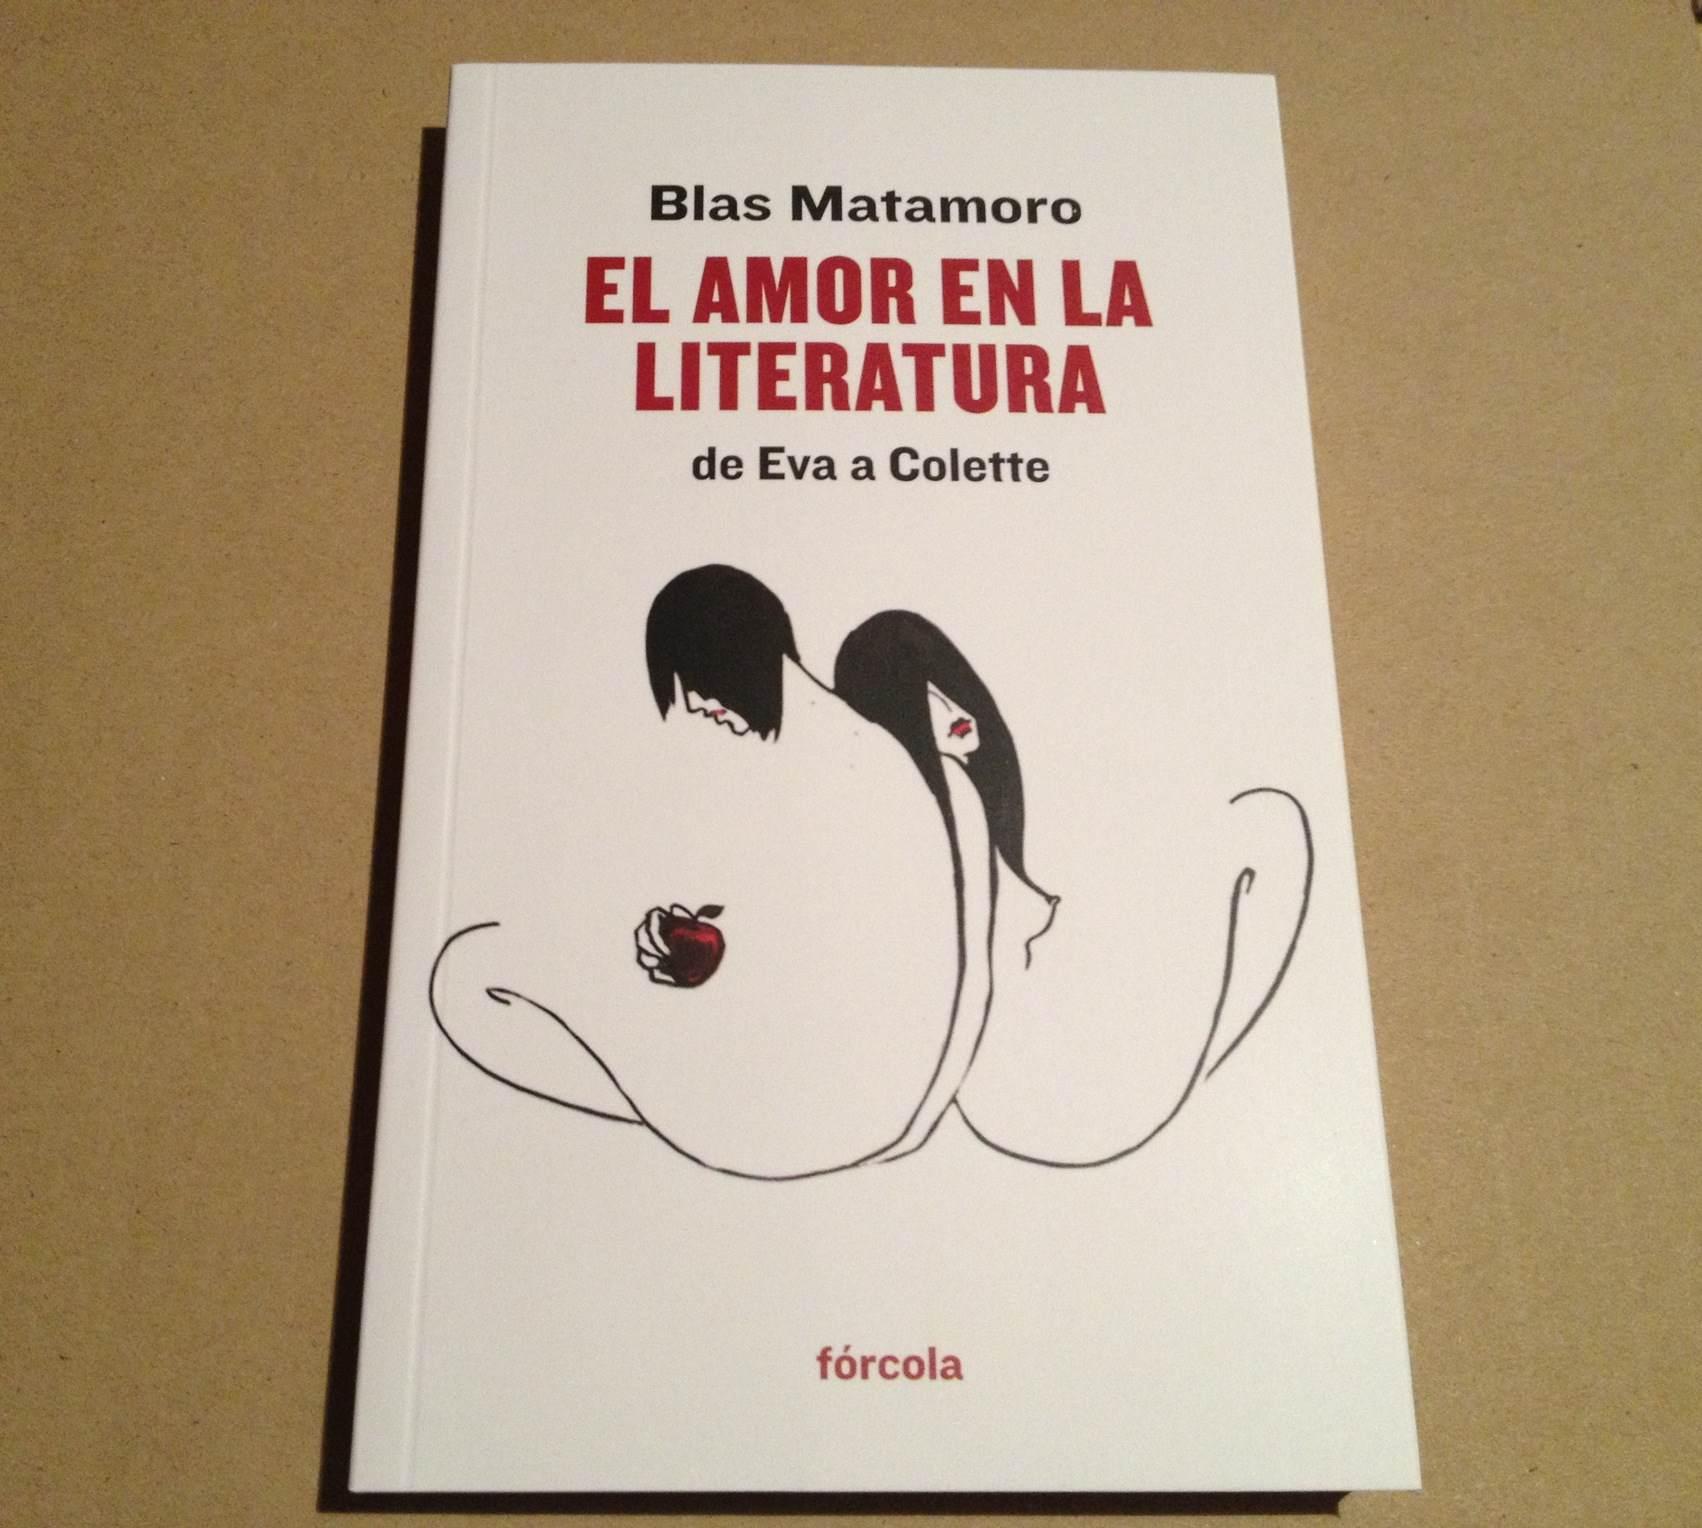 El amor en la literatura. De Eva a Colette